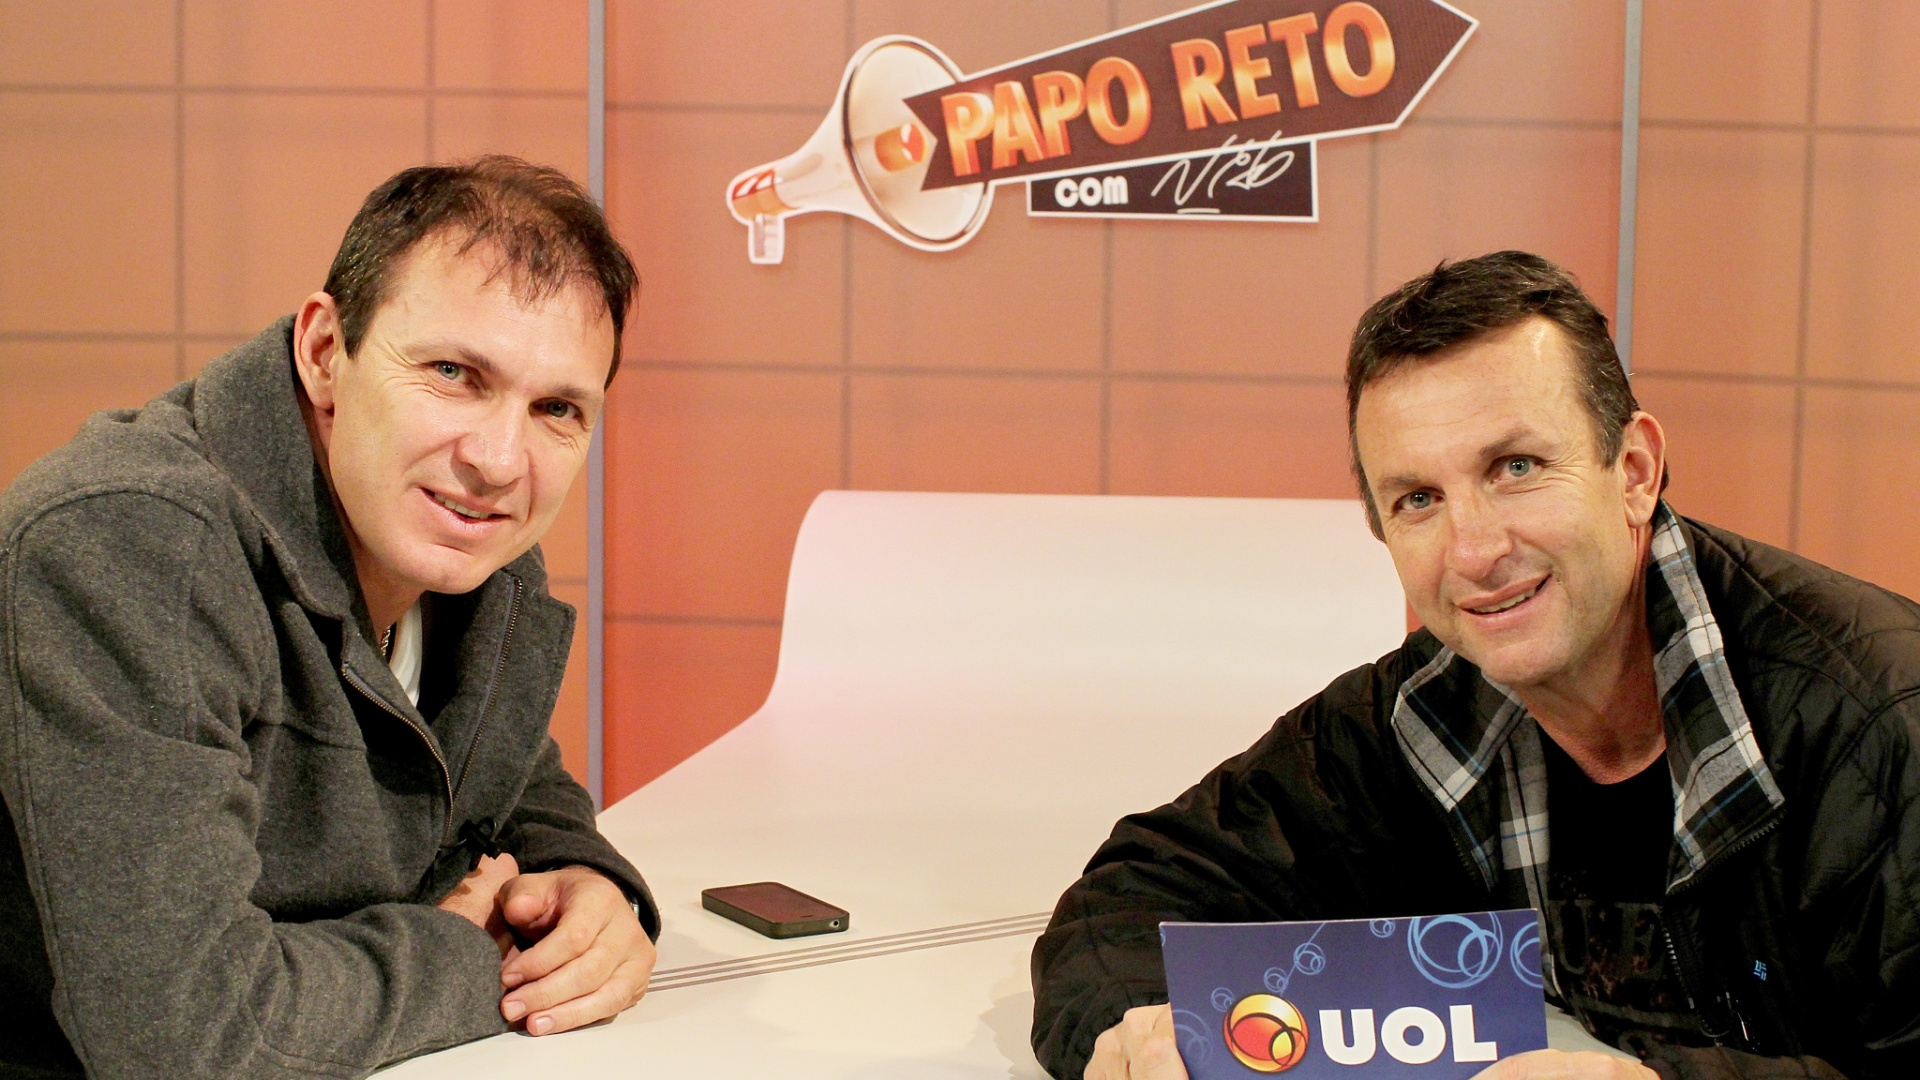 Papo Reto - Neto e Velloso, ex-goleiro com passagens por Palmeiras e Atlético - MG